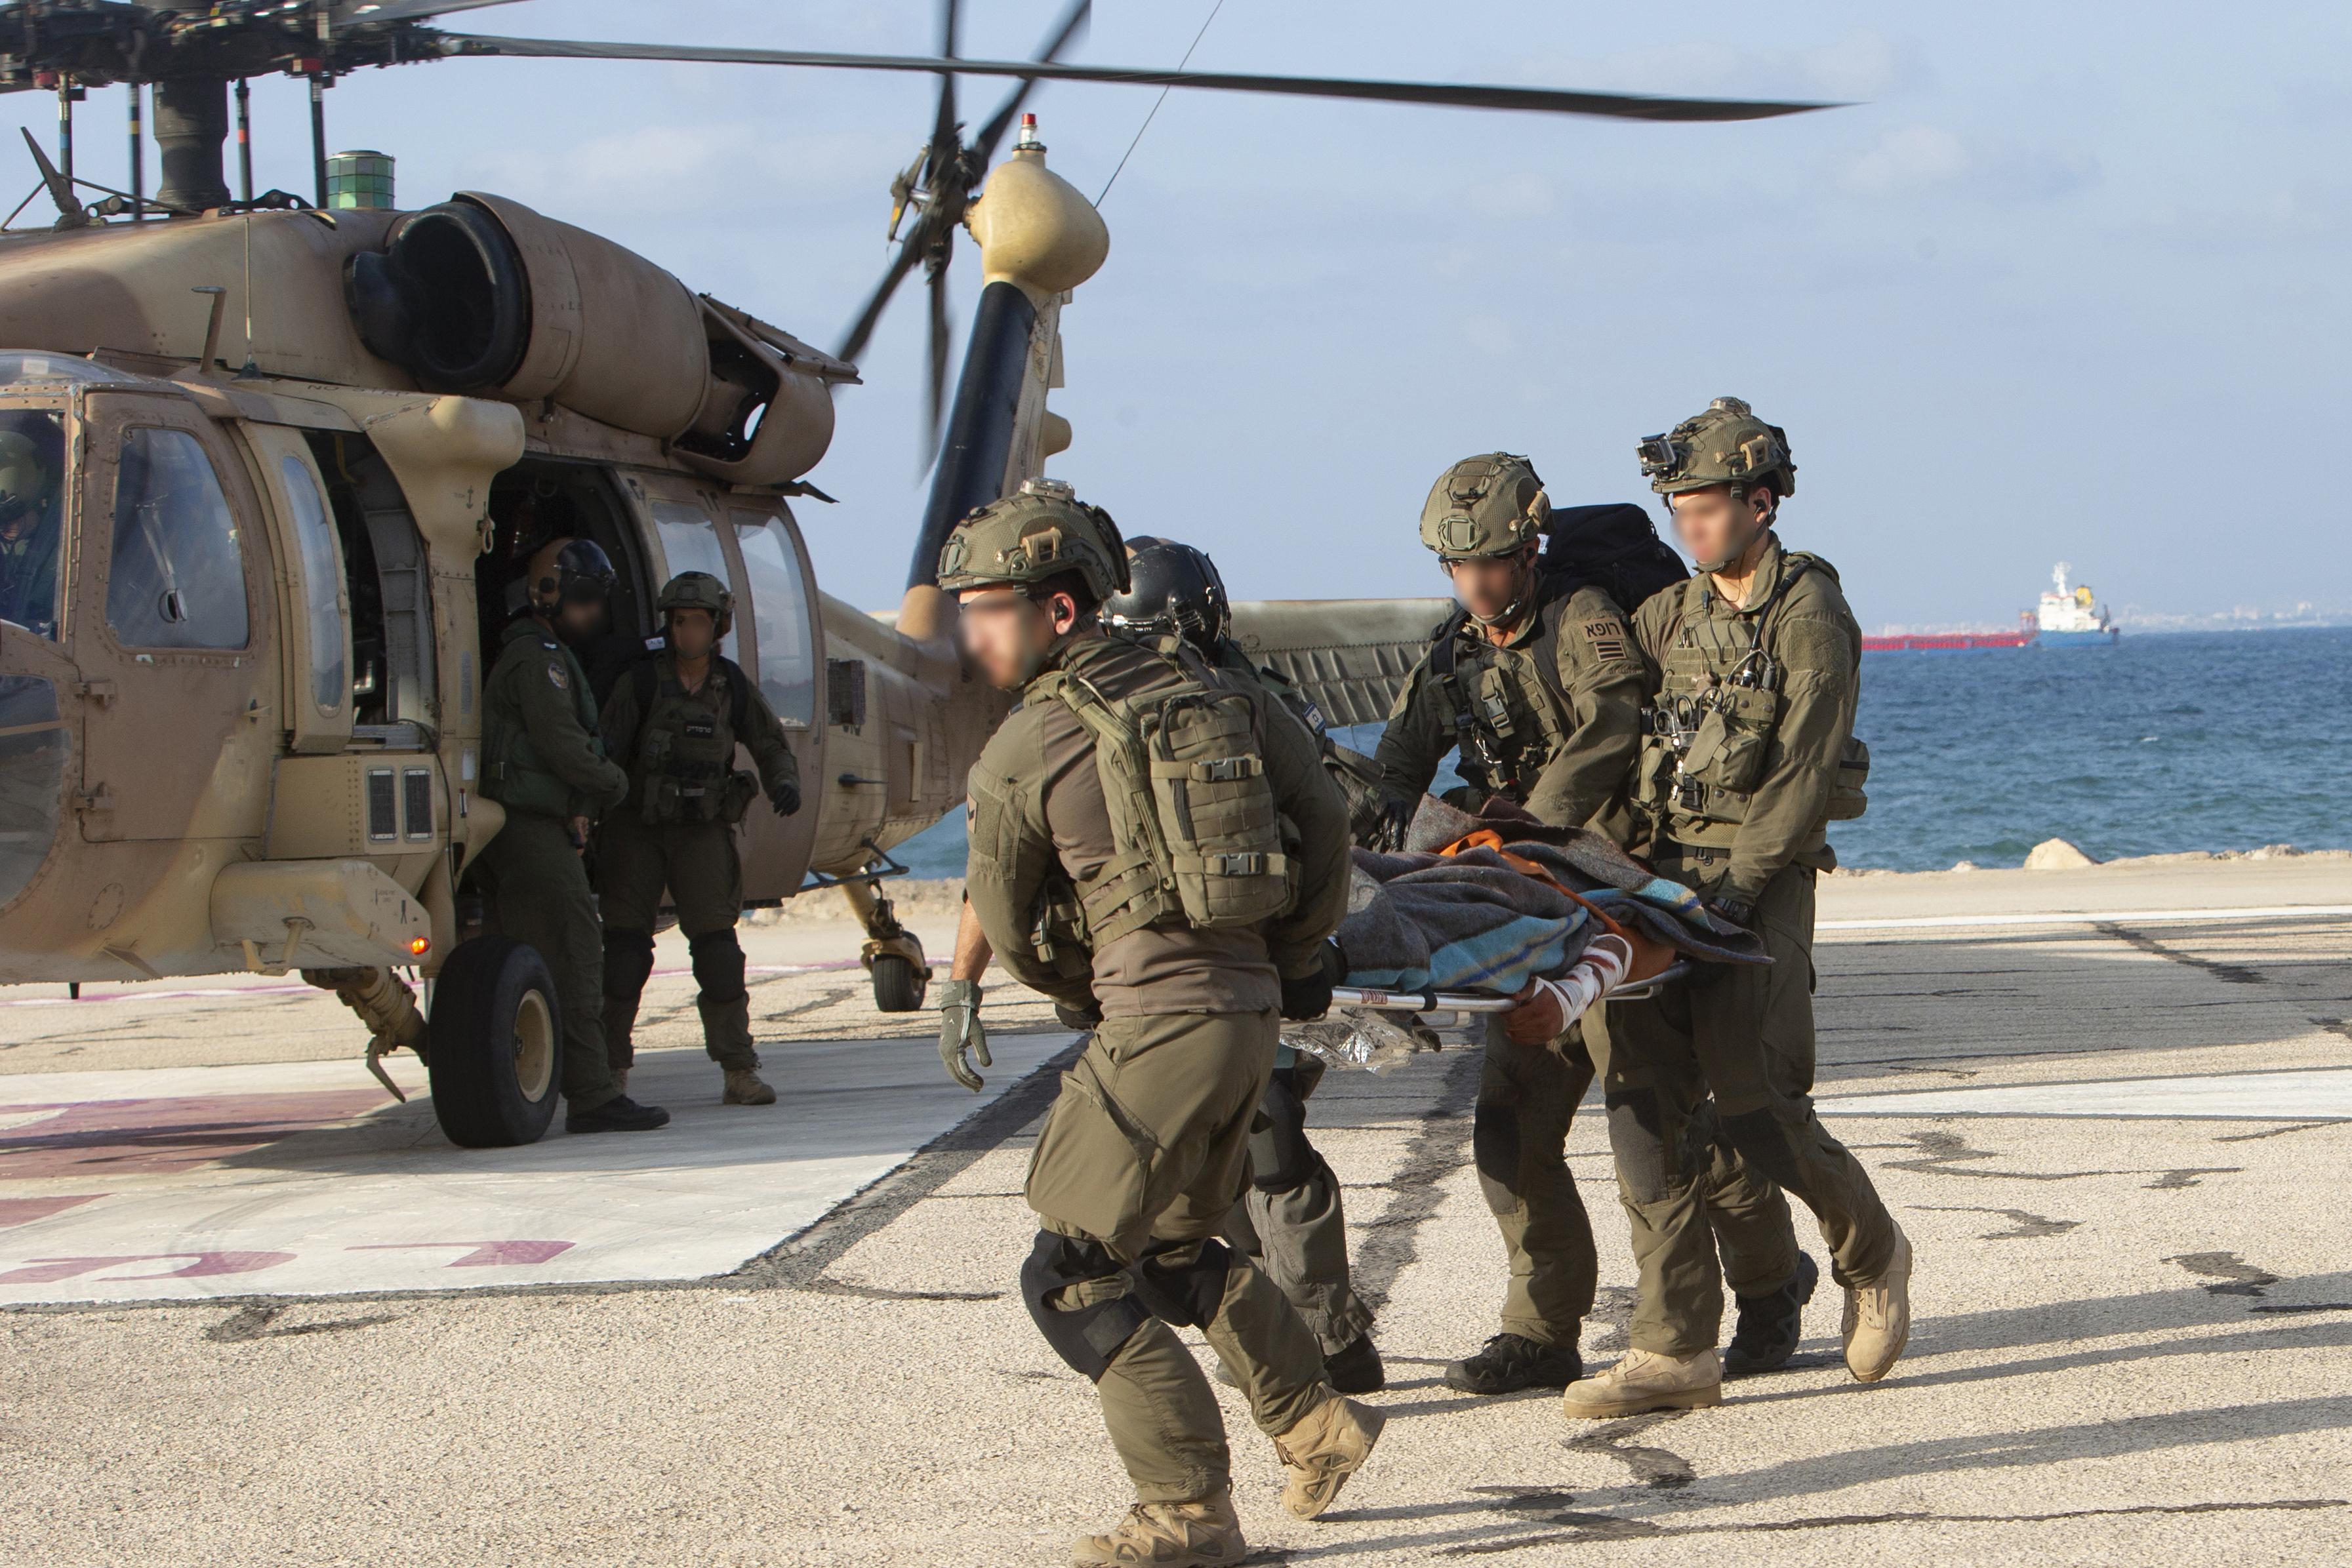 """مسعفون إسرائيليون ينقلون مصابين """"وهميين"""" إلى مروحية عسكرية بعد هجوم حزب الله"""